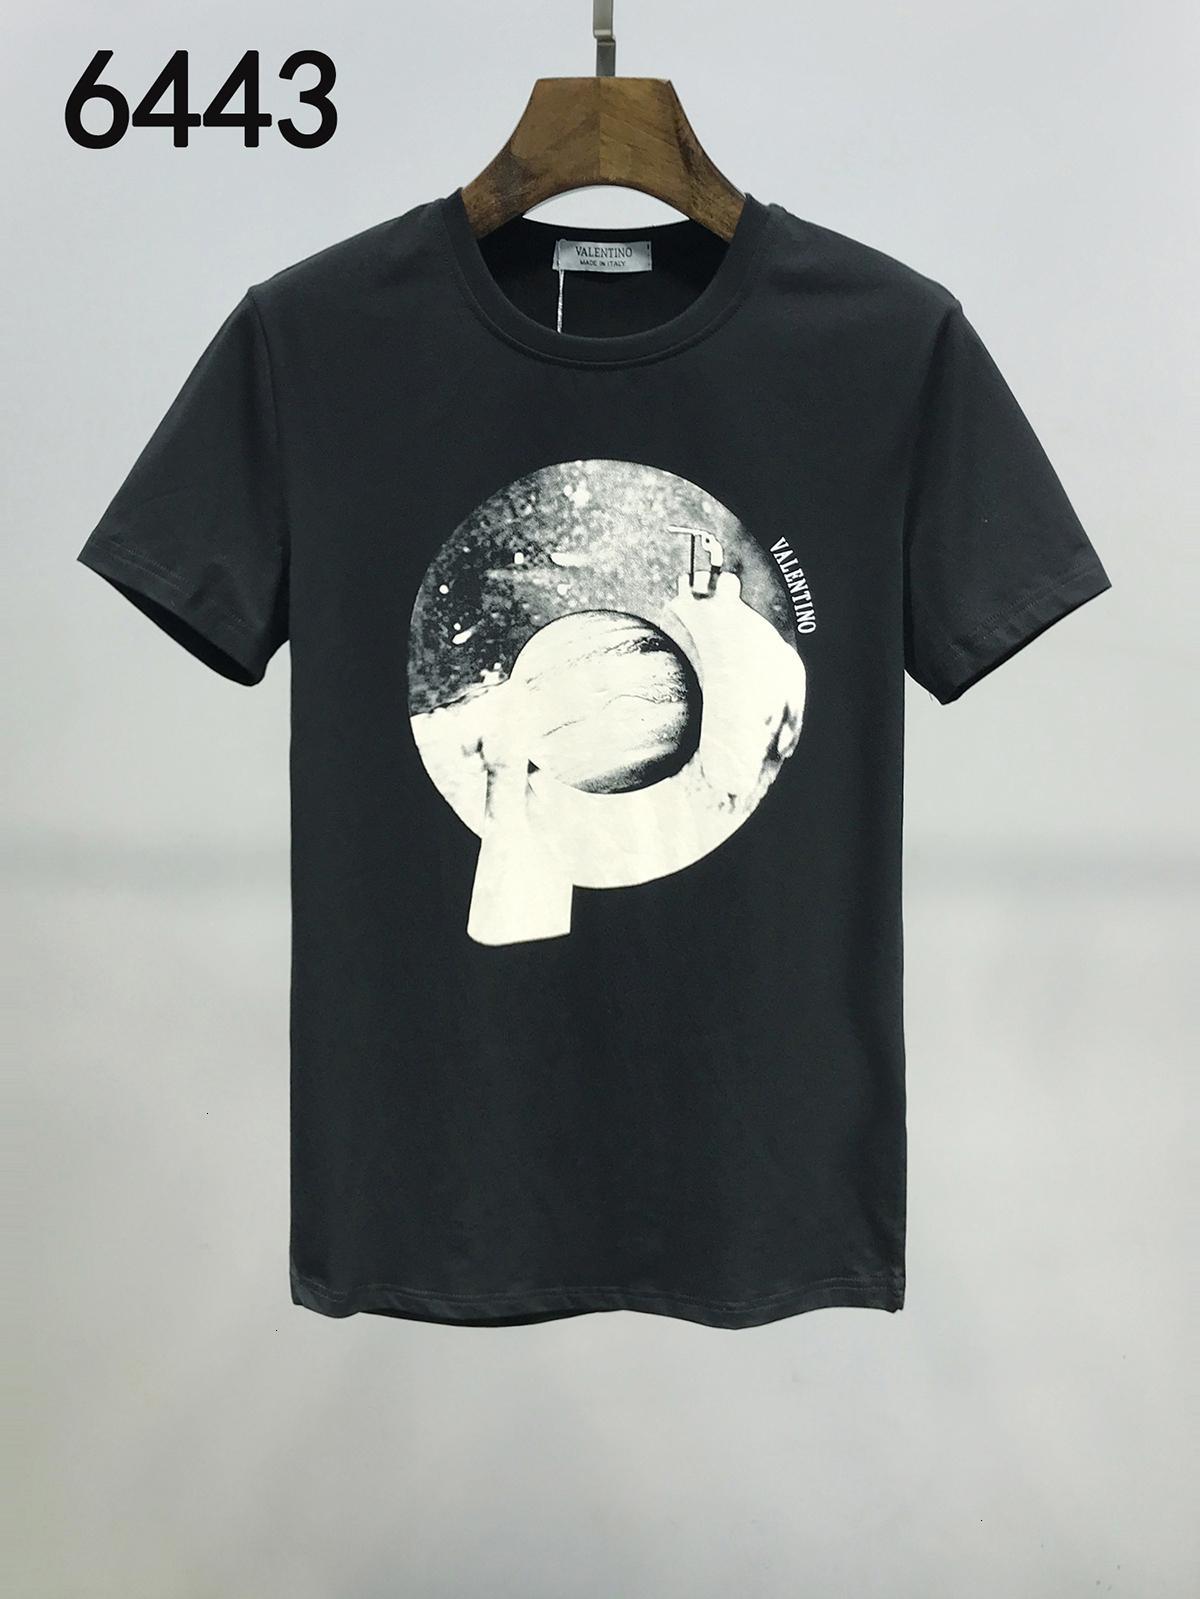 2020 desgaste exquisito de los hombres del verano del estilo masculino tendencia Inglés impresión de la letra del algodón puro manga corta camiseta 11283 grande